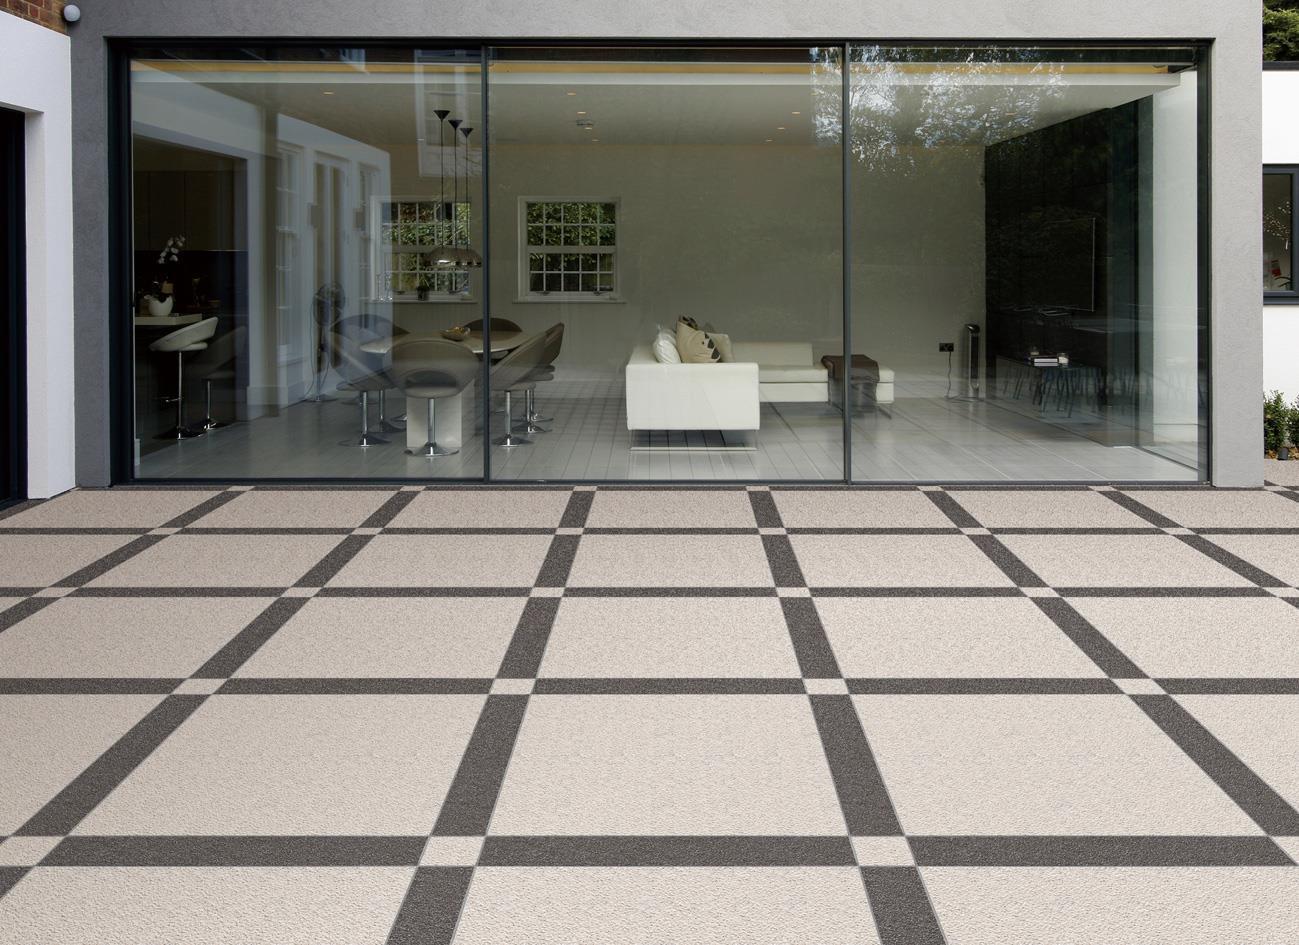 户外地面瓷砖厚板的两种铺贴方式介绍